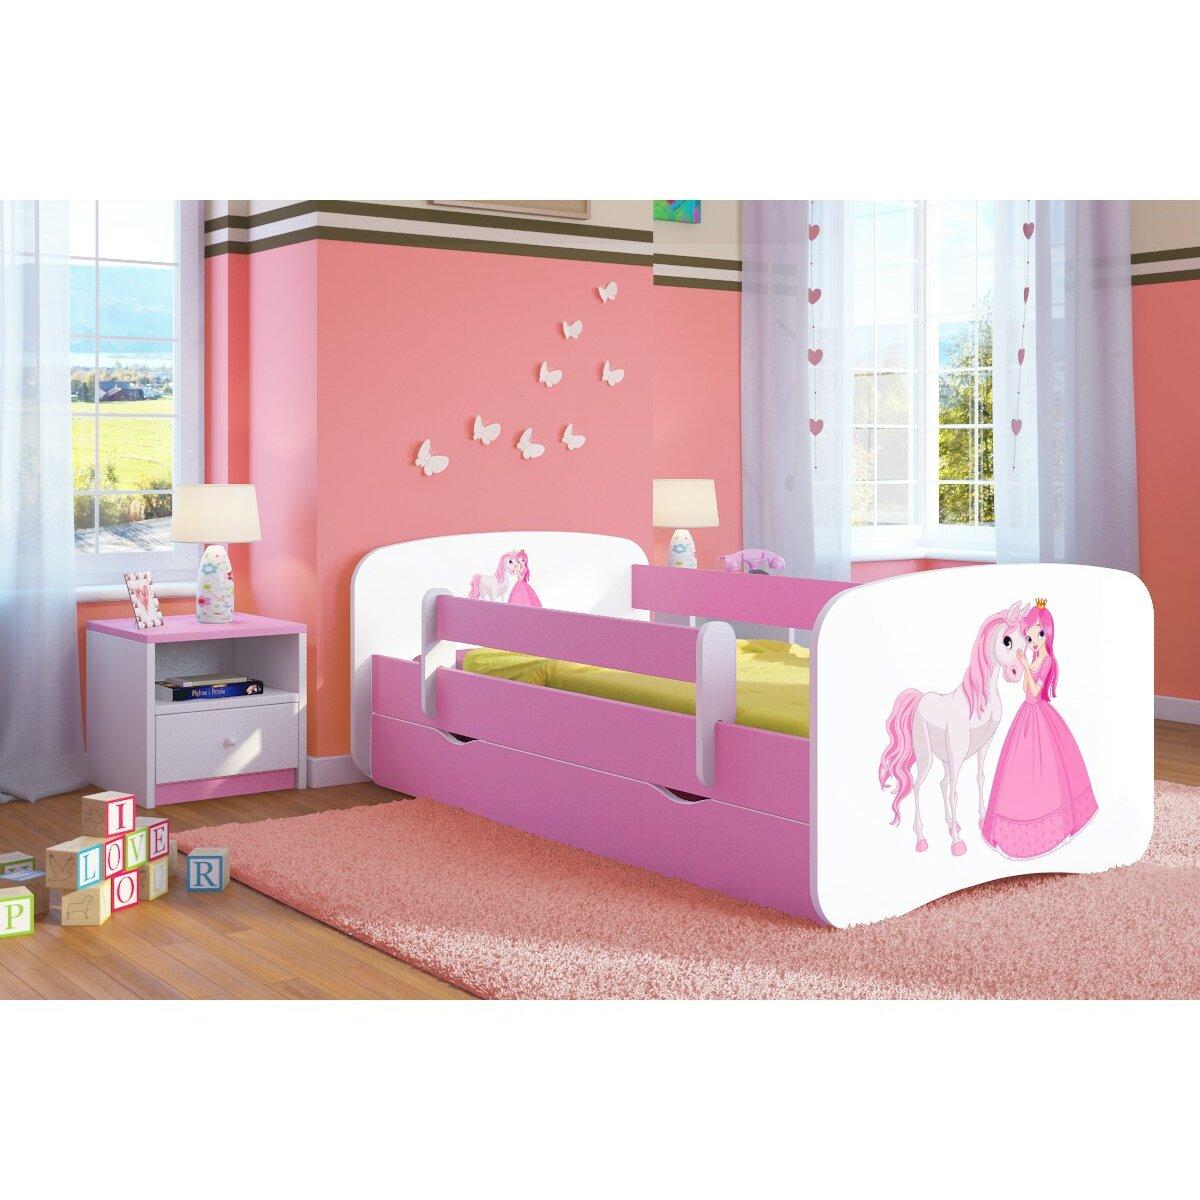 kocot kids anpassbares schlafzimmer set pinke princess. Black Bedroom Furniture Sets. Home Design Ideas